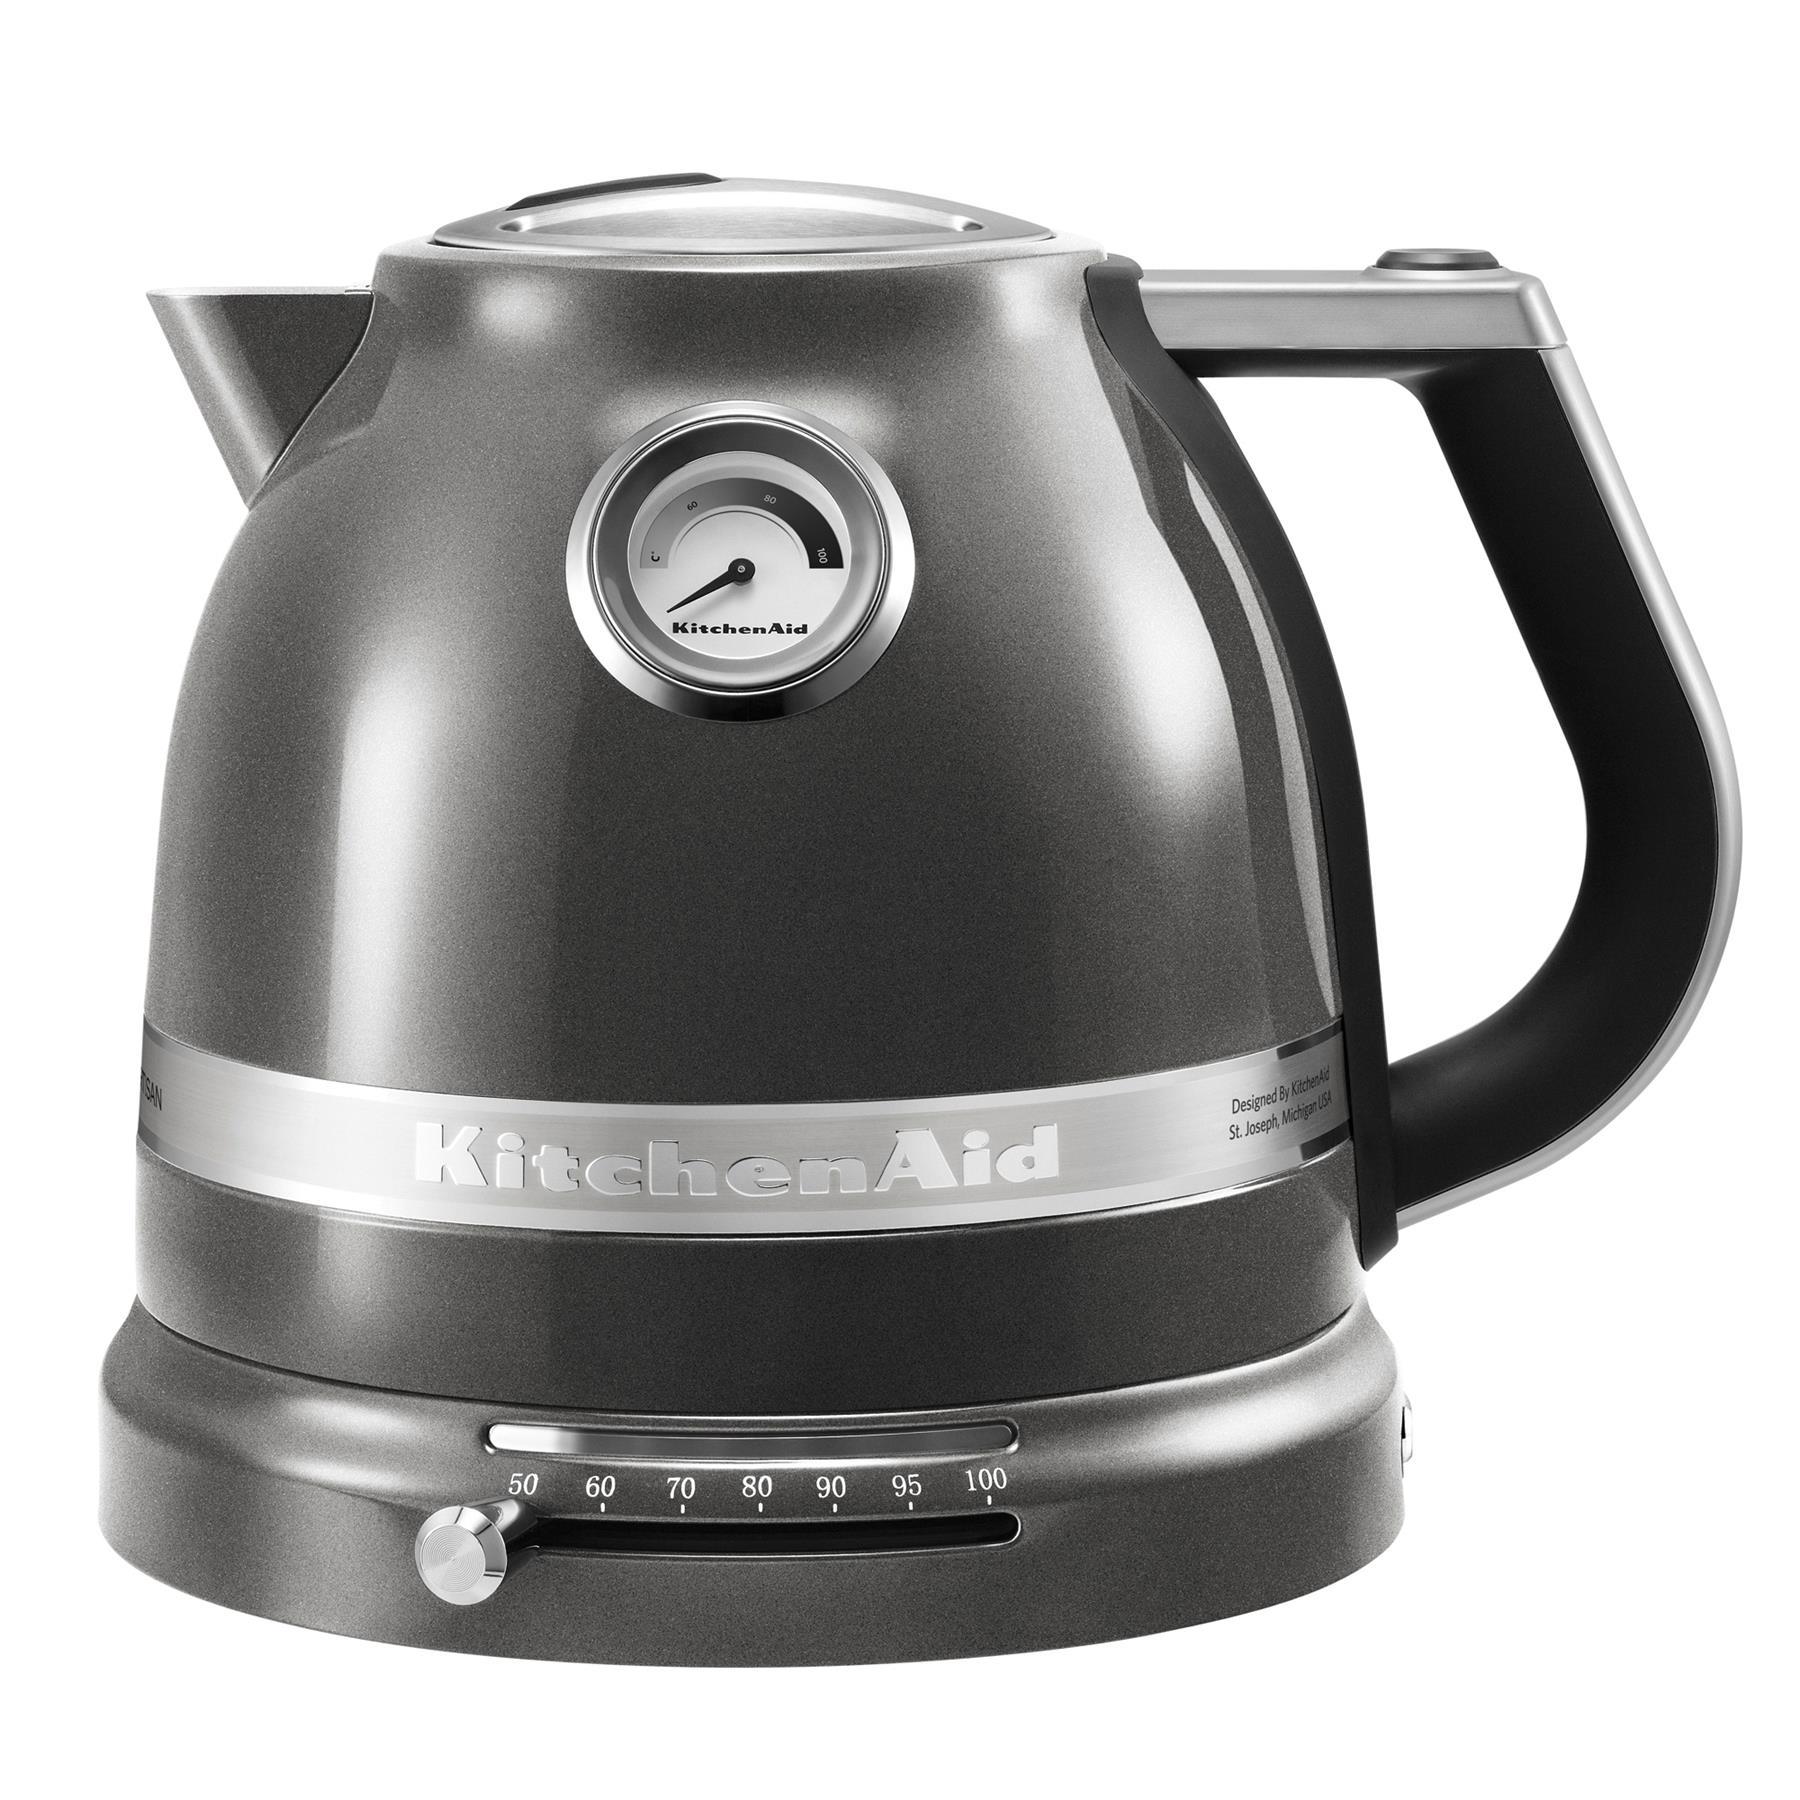 FonQ-KitchenAid 5KEK1522EMS Artisan Waterkoker - 1,5 L-aanbieding